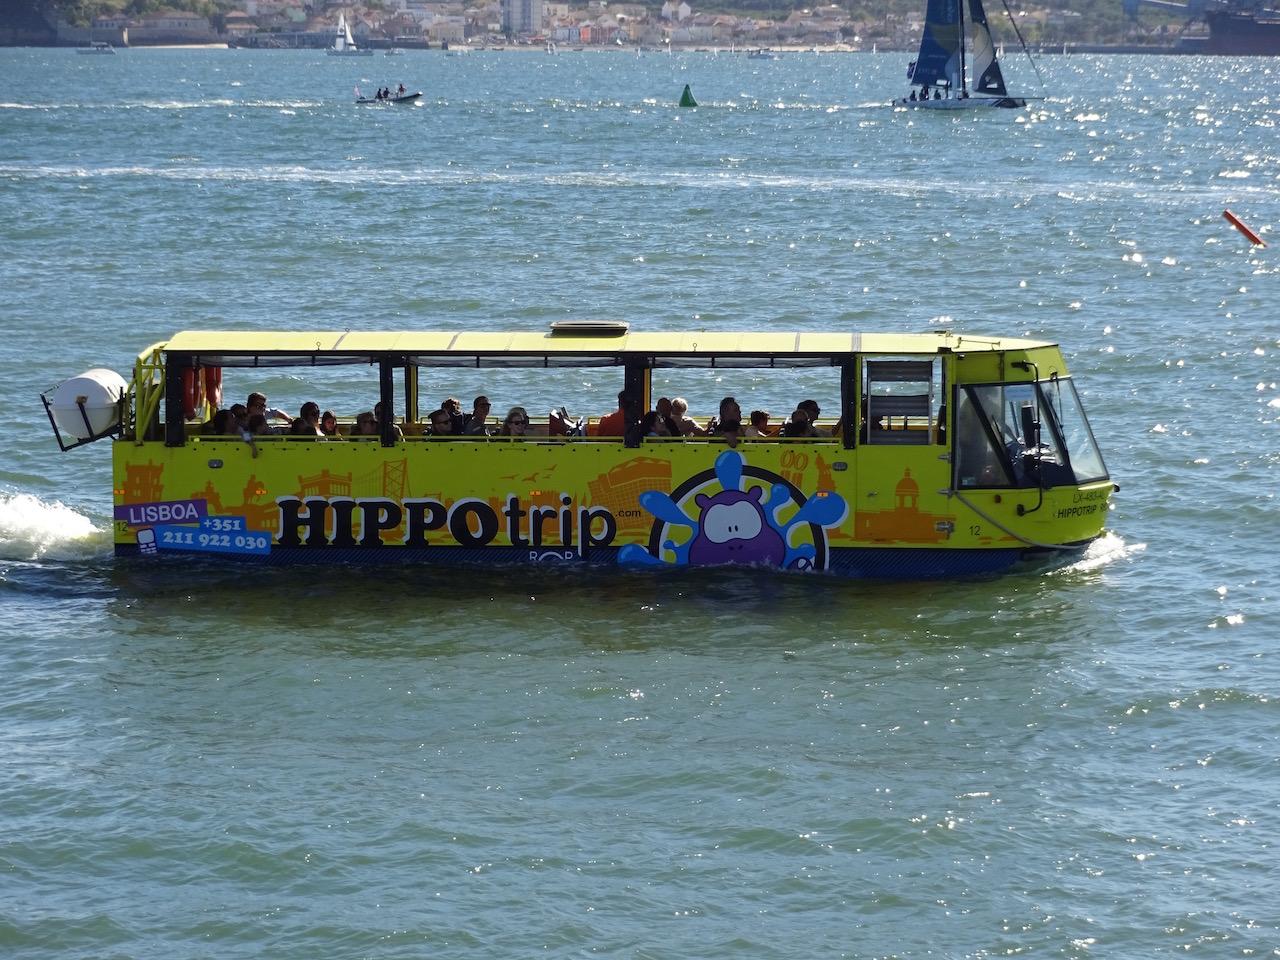 aber man kann auch gemütlich auf dem Wasser reisen :-)